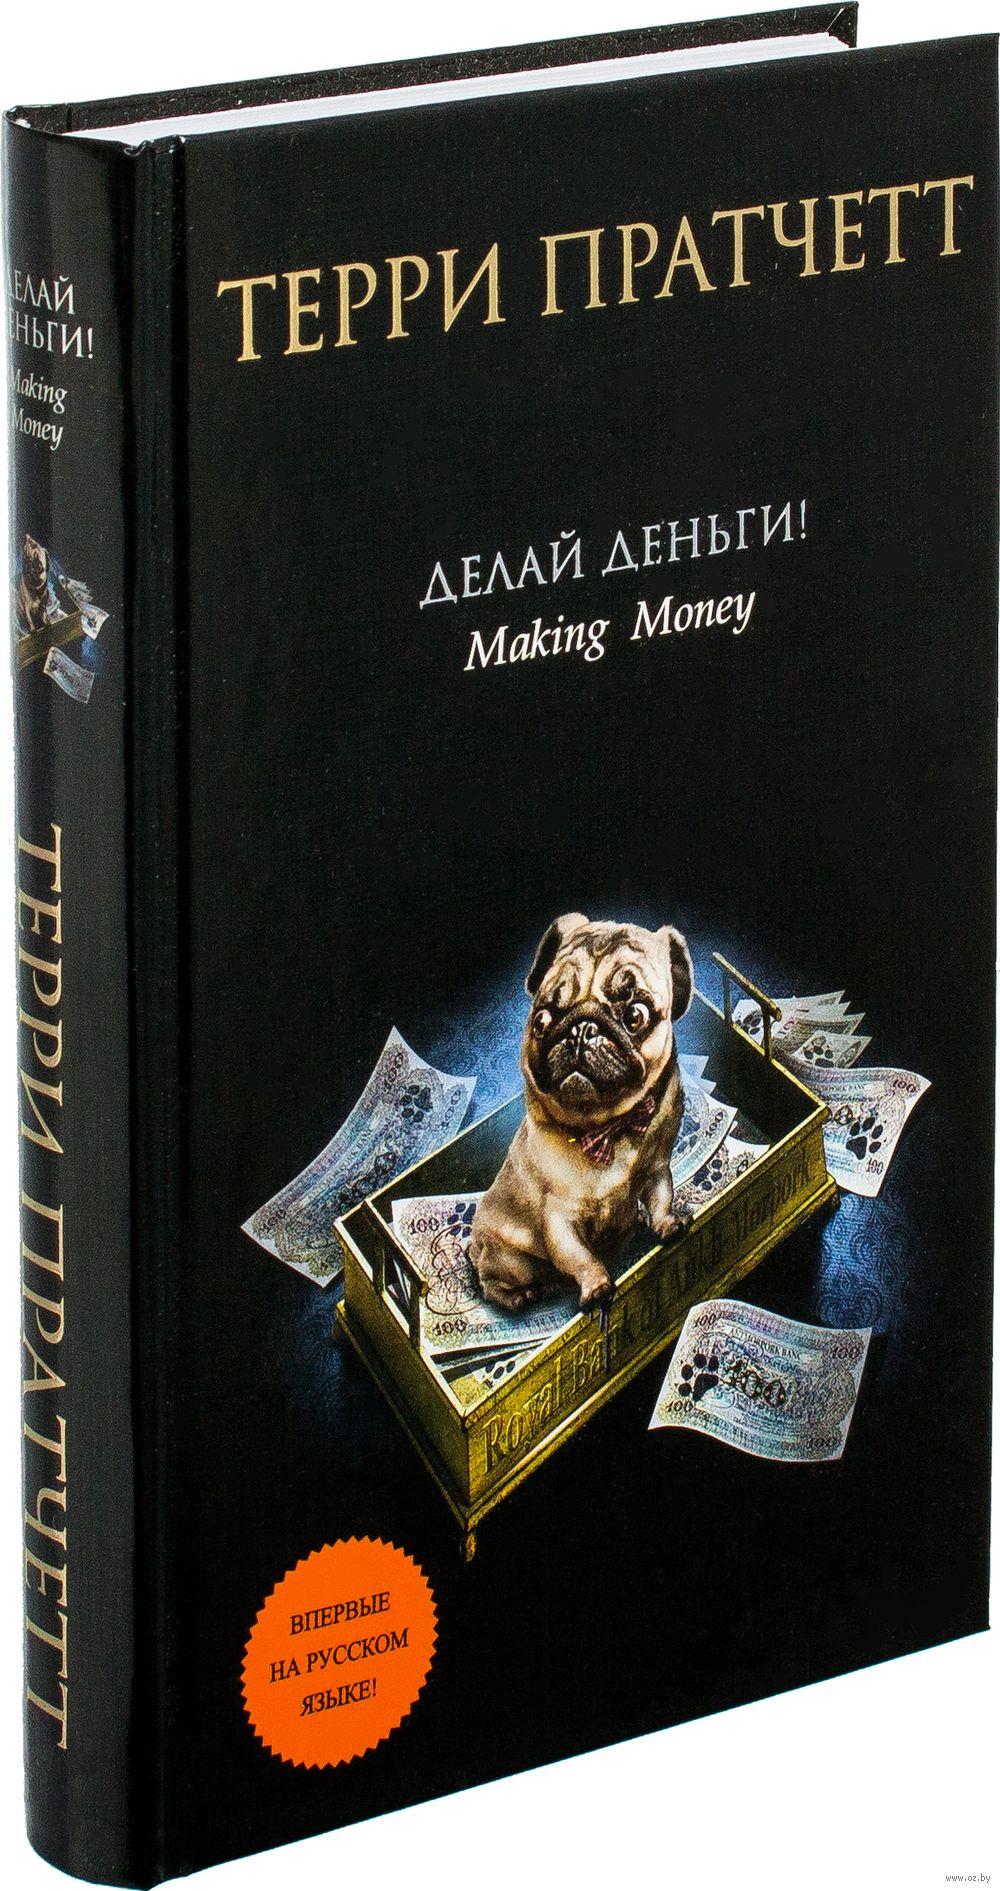 Пратчетт Терри  Делай Деньги скачать бесплатно книгу в